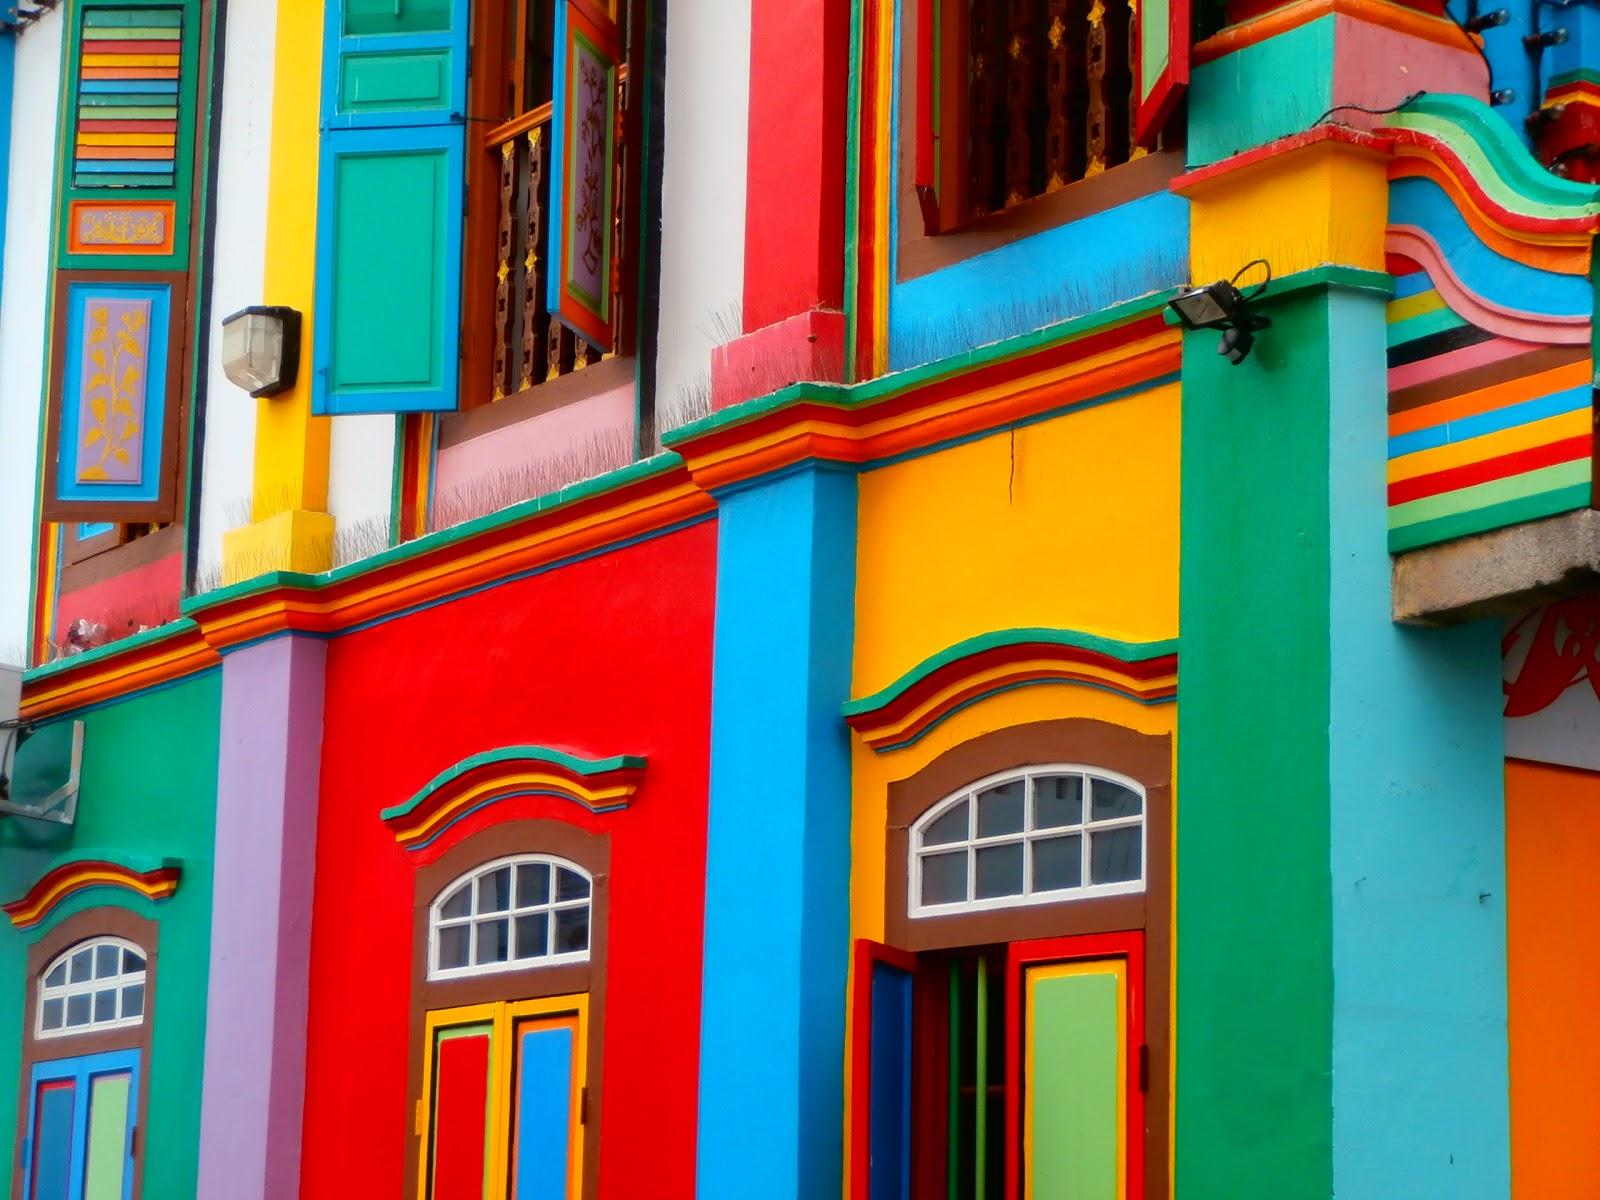 Kristofir Dean Colourful Singapore